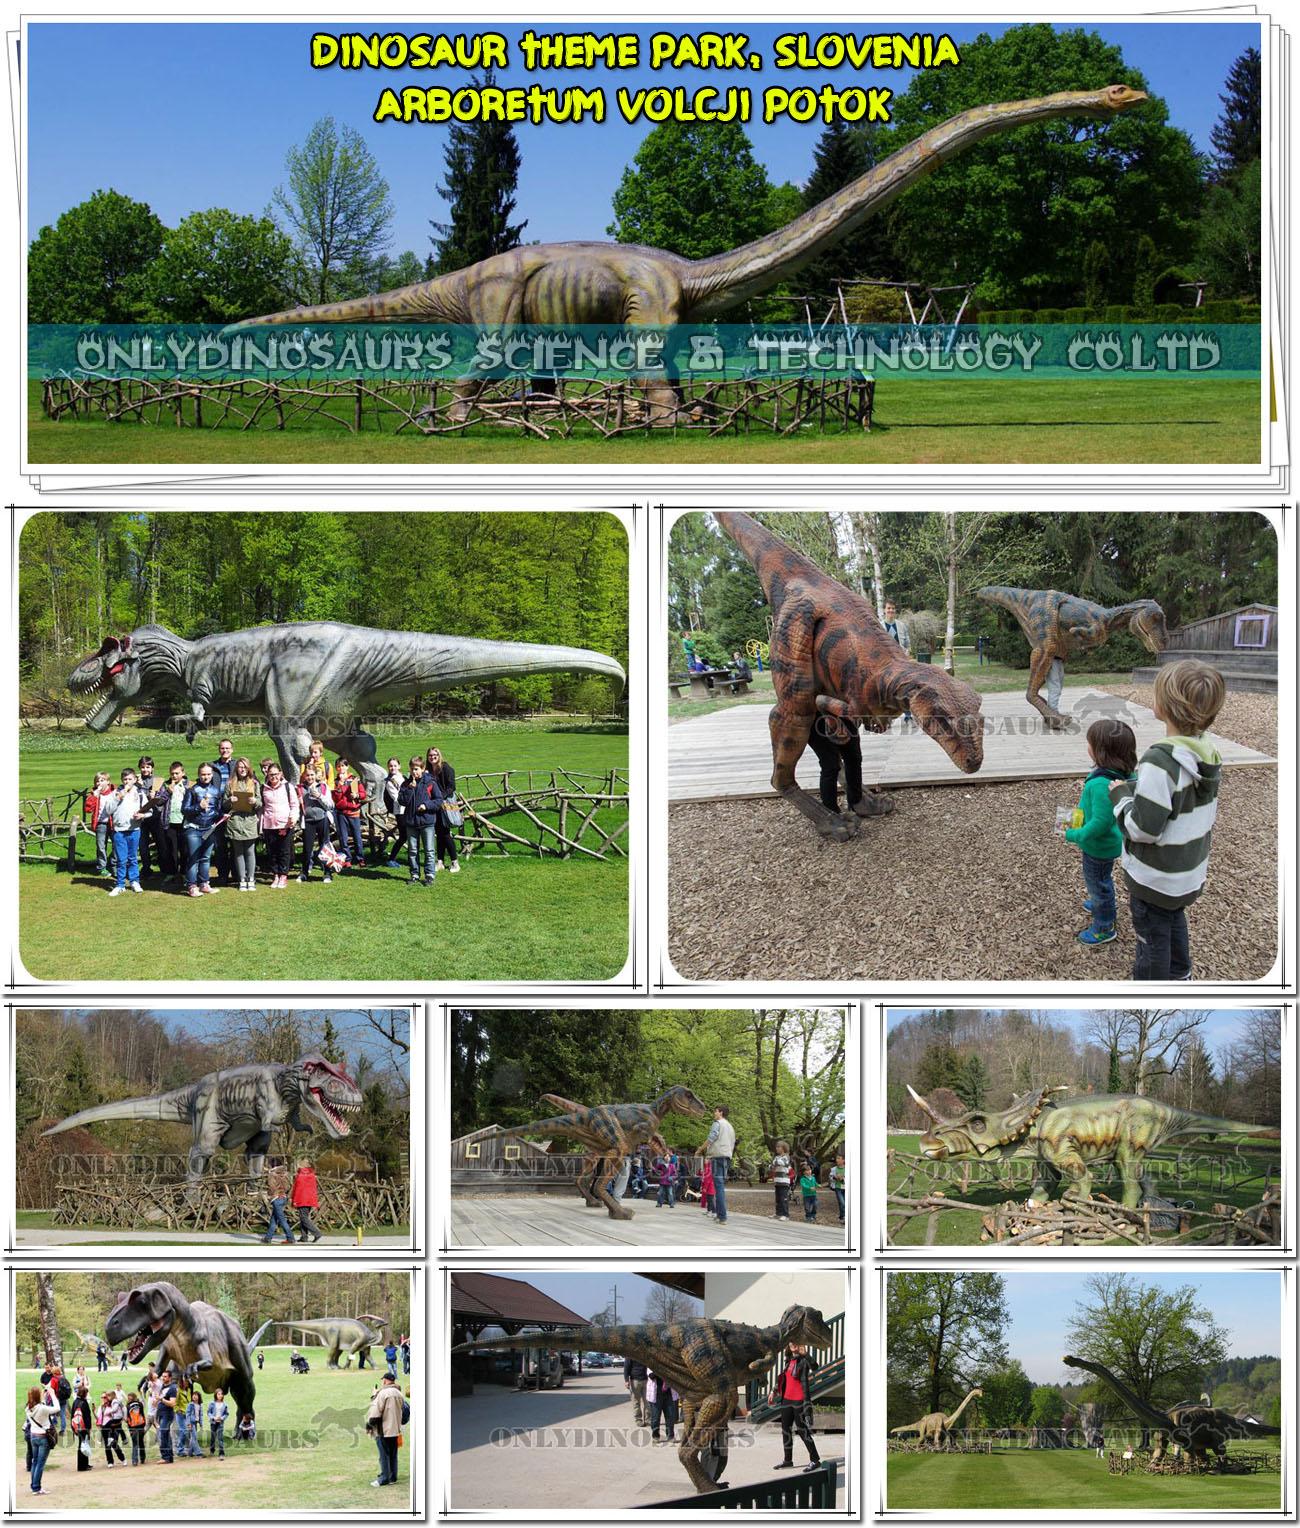 Dinopark in Slovenia